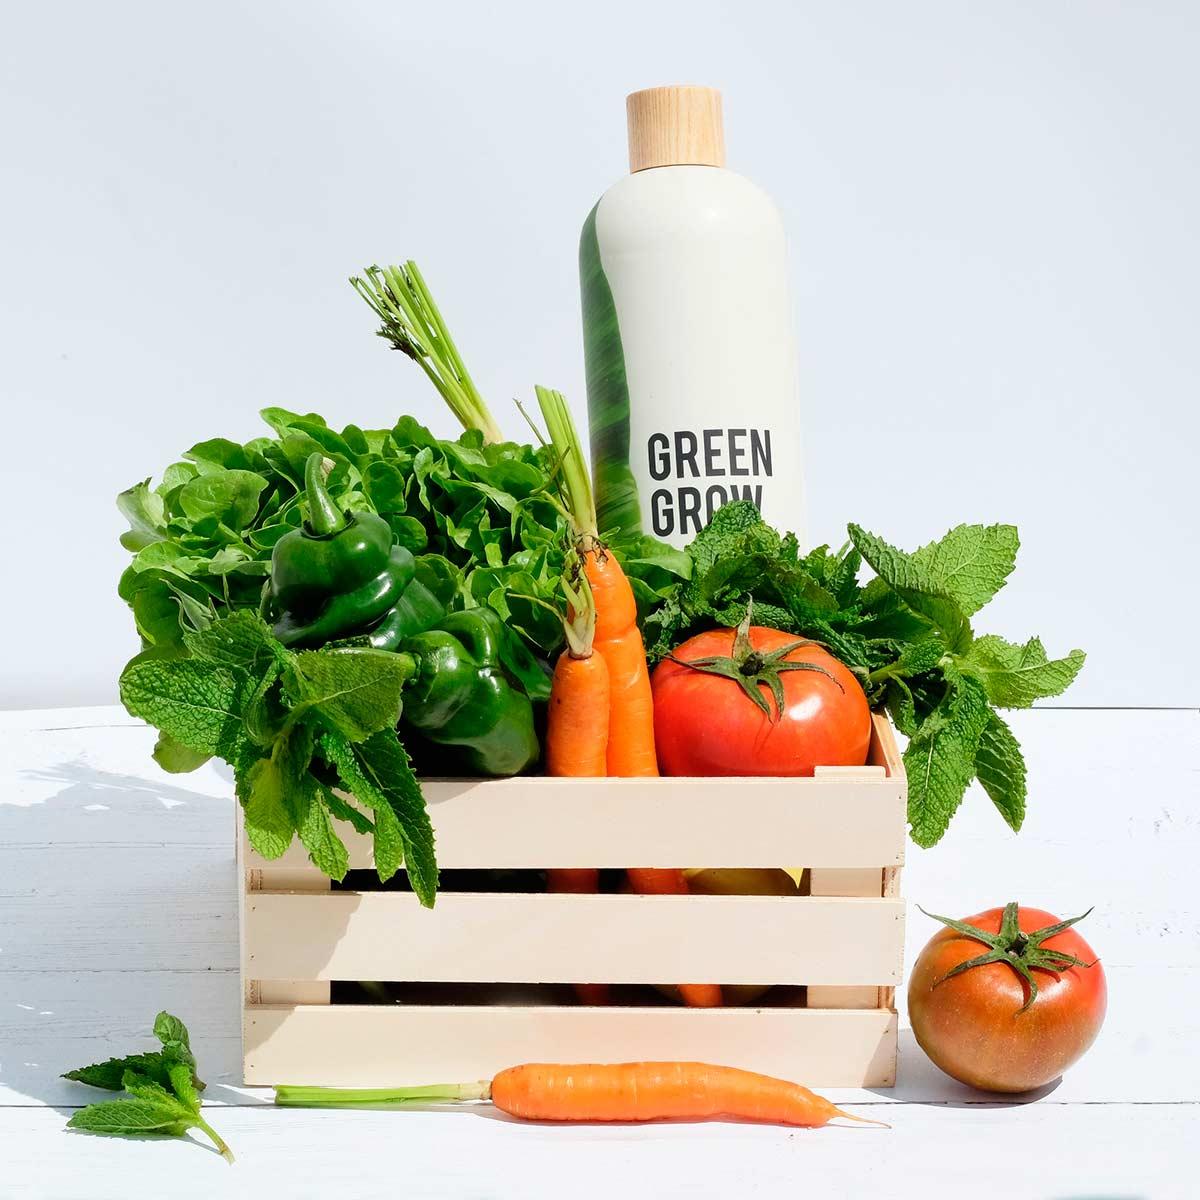 Un cultivo doméstico saludable, de confianza y sin químicos es posible